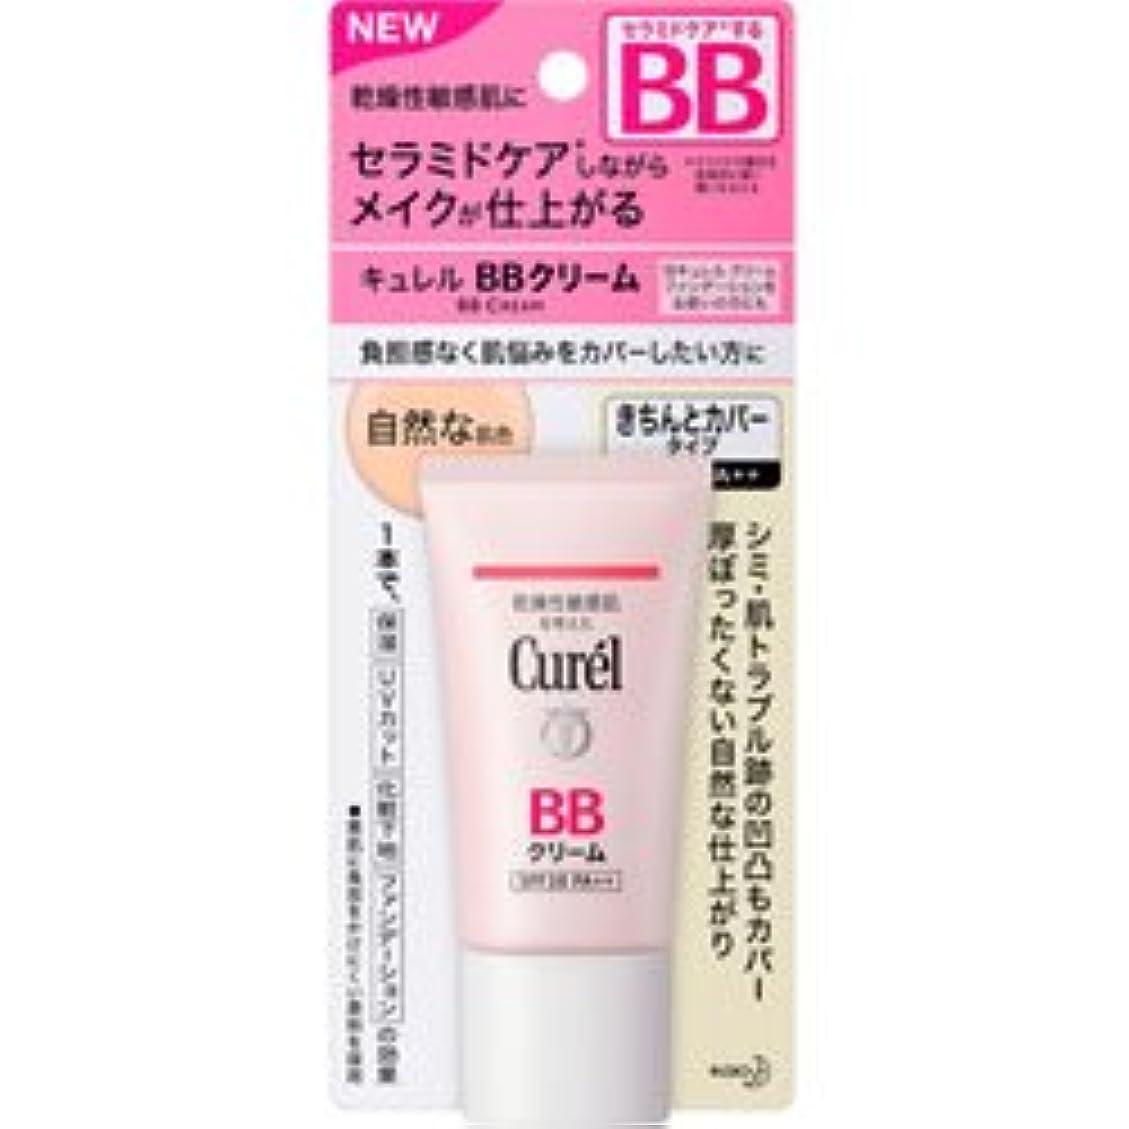 【花王】キュレル BBクリーム 自然な肌色 35g ×10個セット